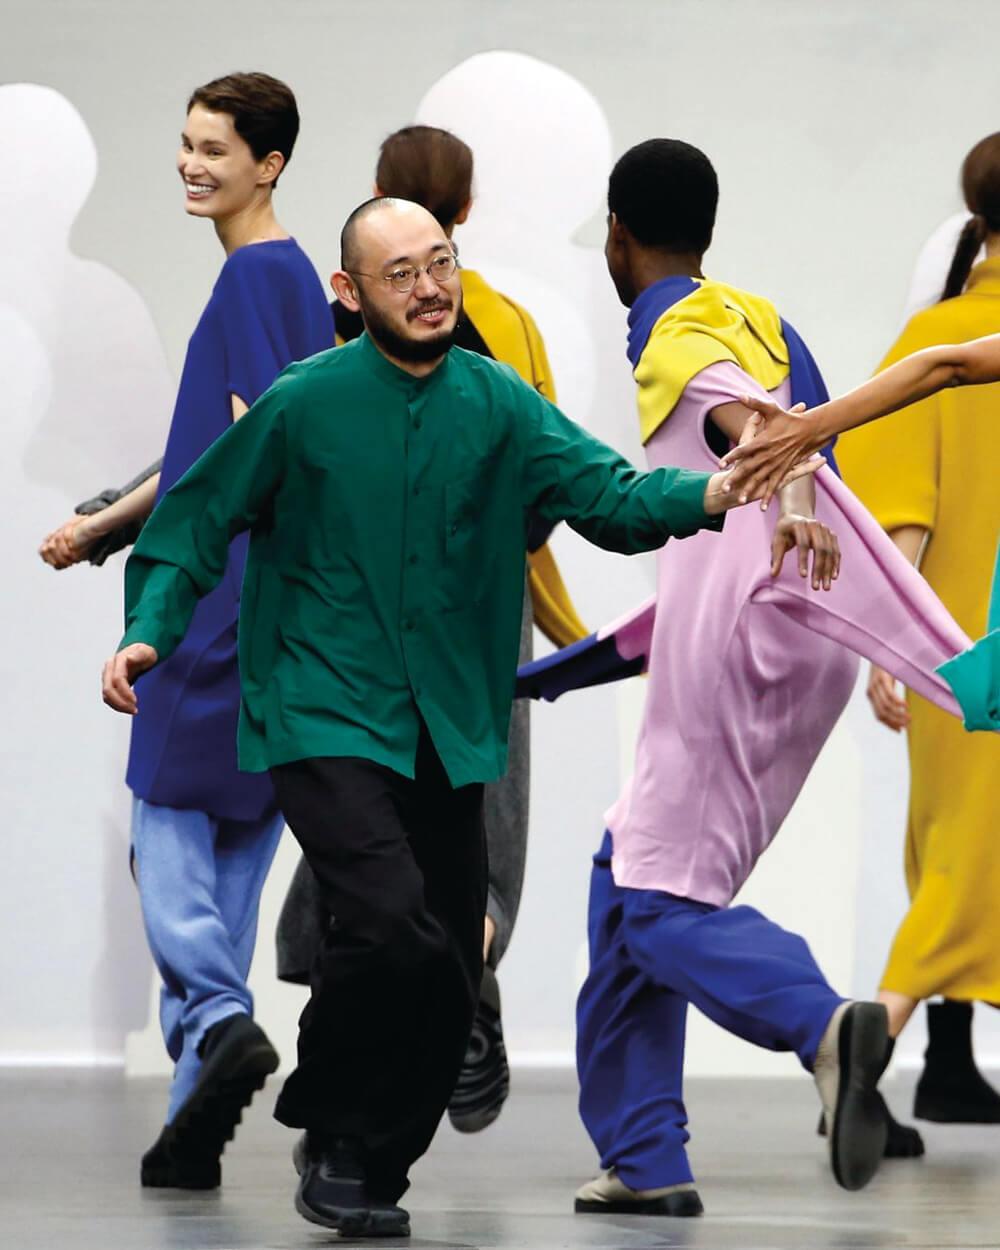 Satoshi Kondo fashion 2020